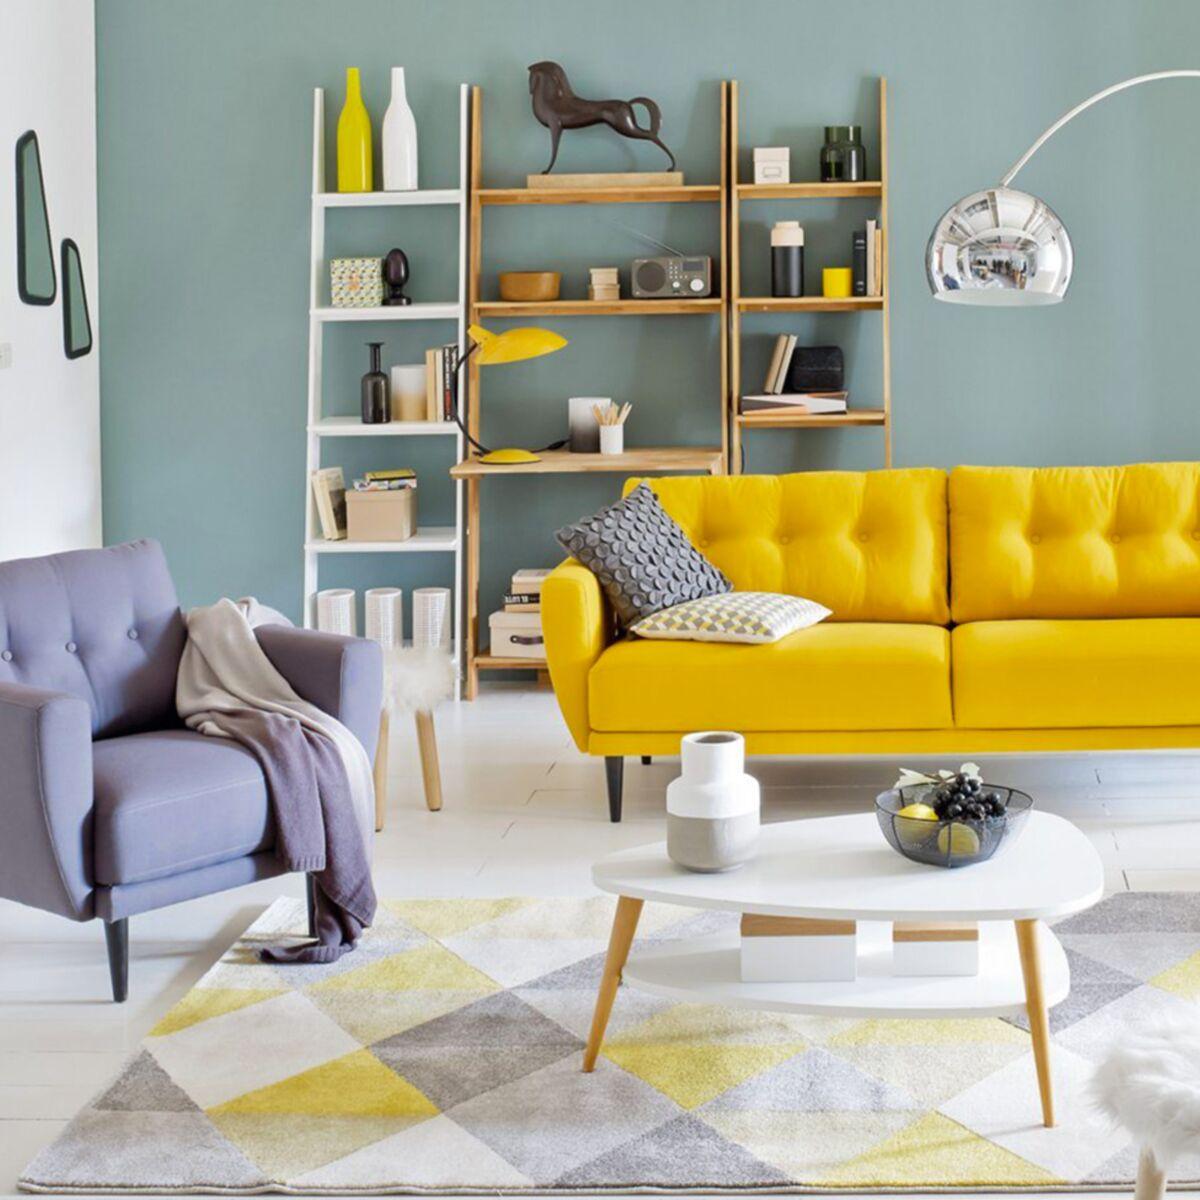 La Redoute Ameublement Chambre la redoute : des meubles pour toute la maison : femme